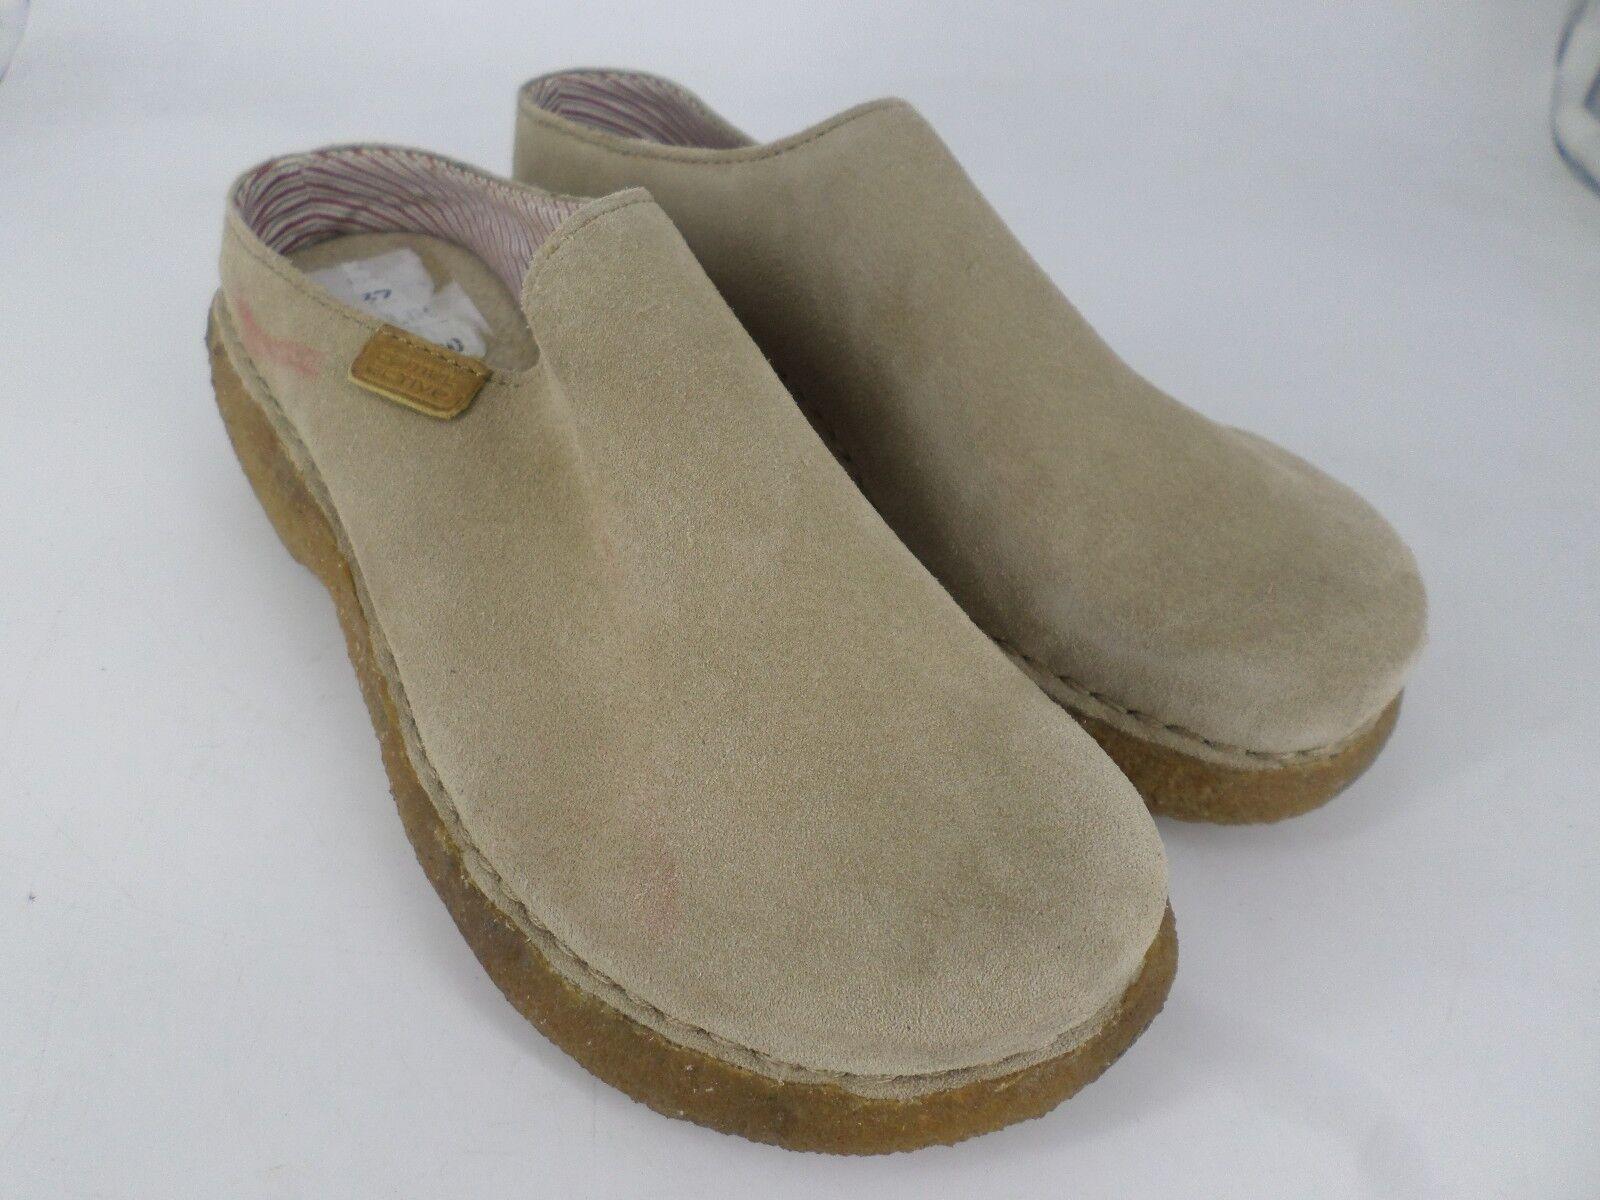 Zapatos señoras Camel Active obstruir Ex Display LN33 08